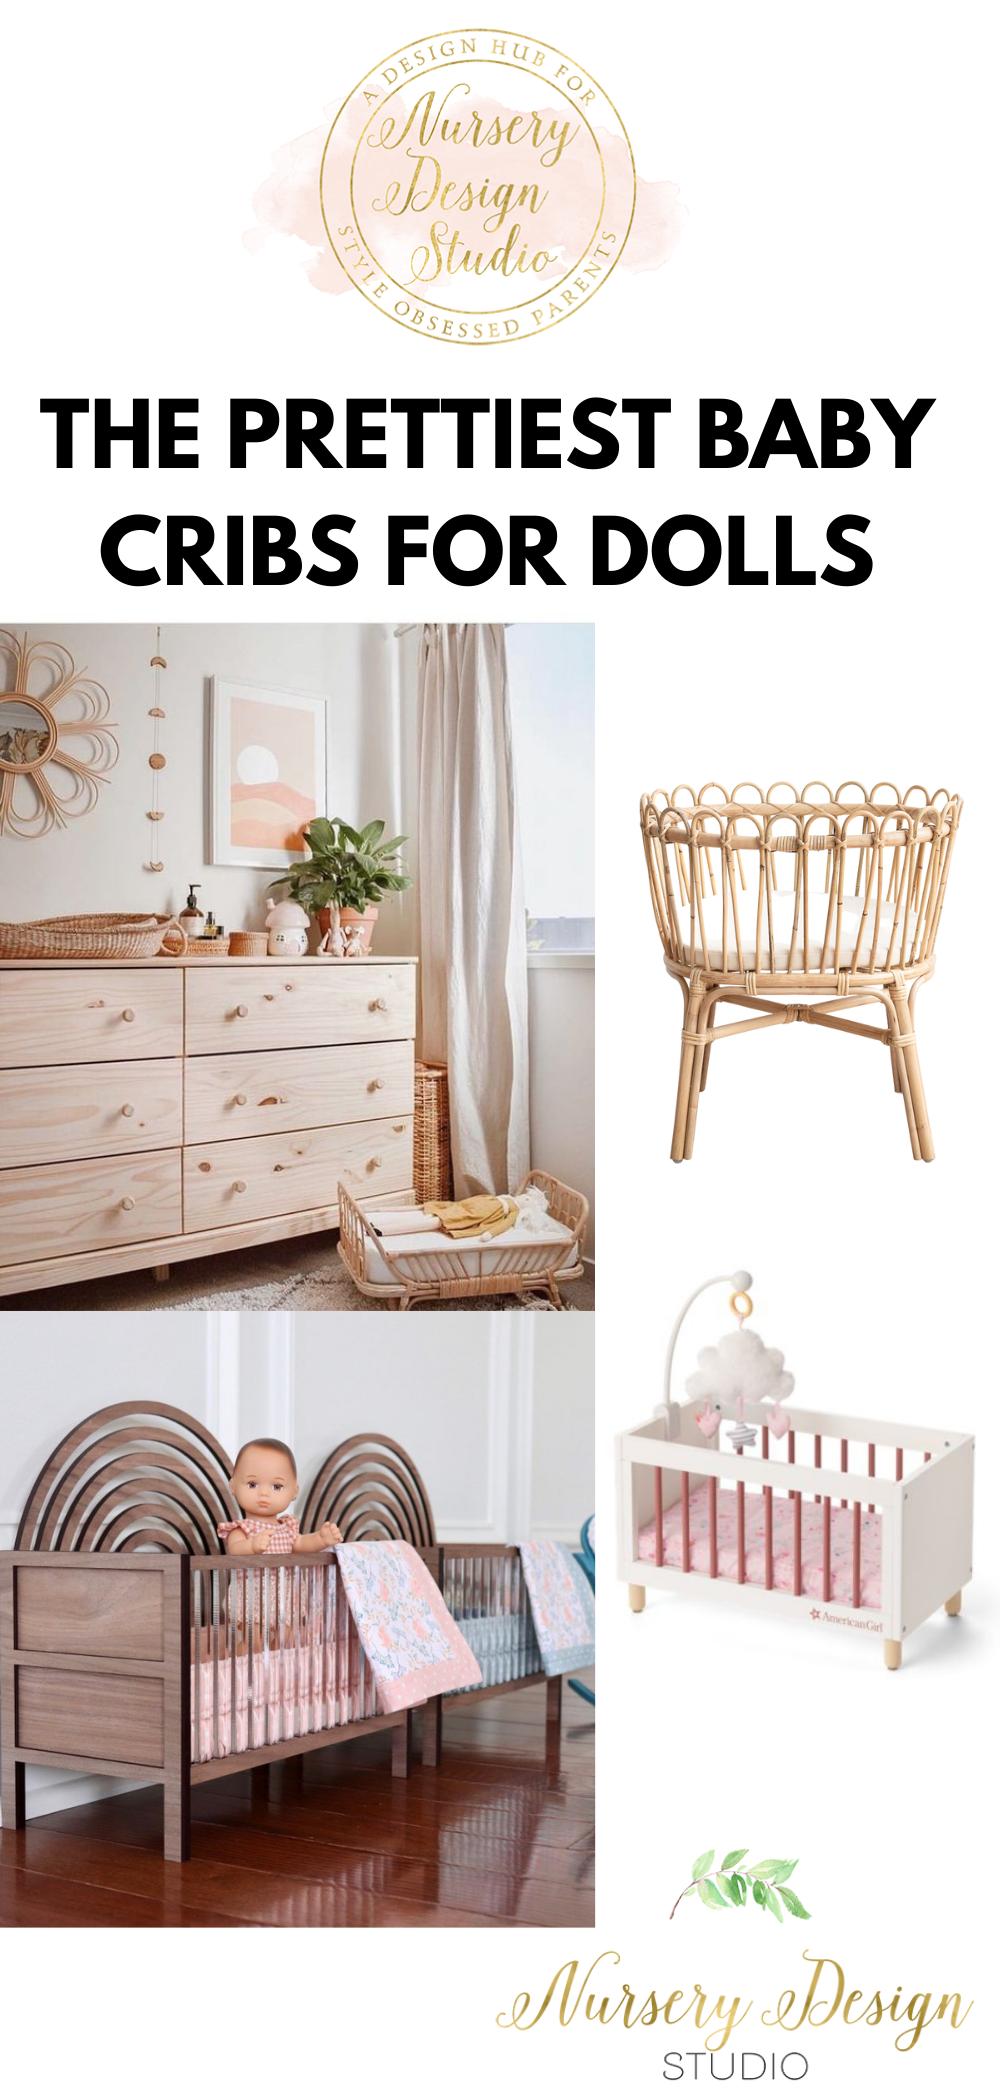 BABY CRIBS FIR DOLLS